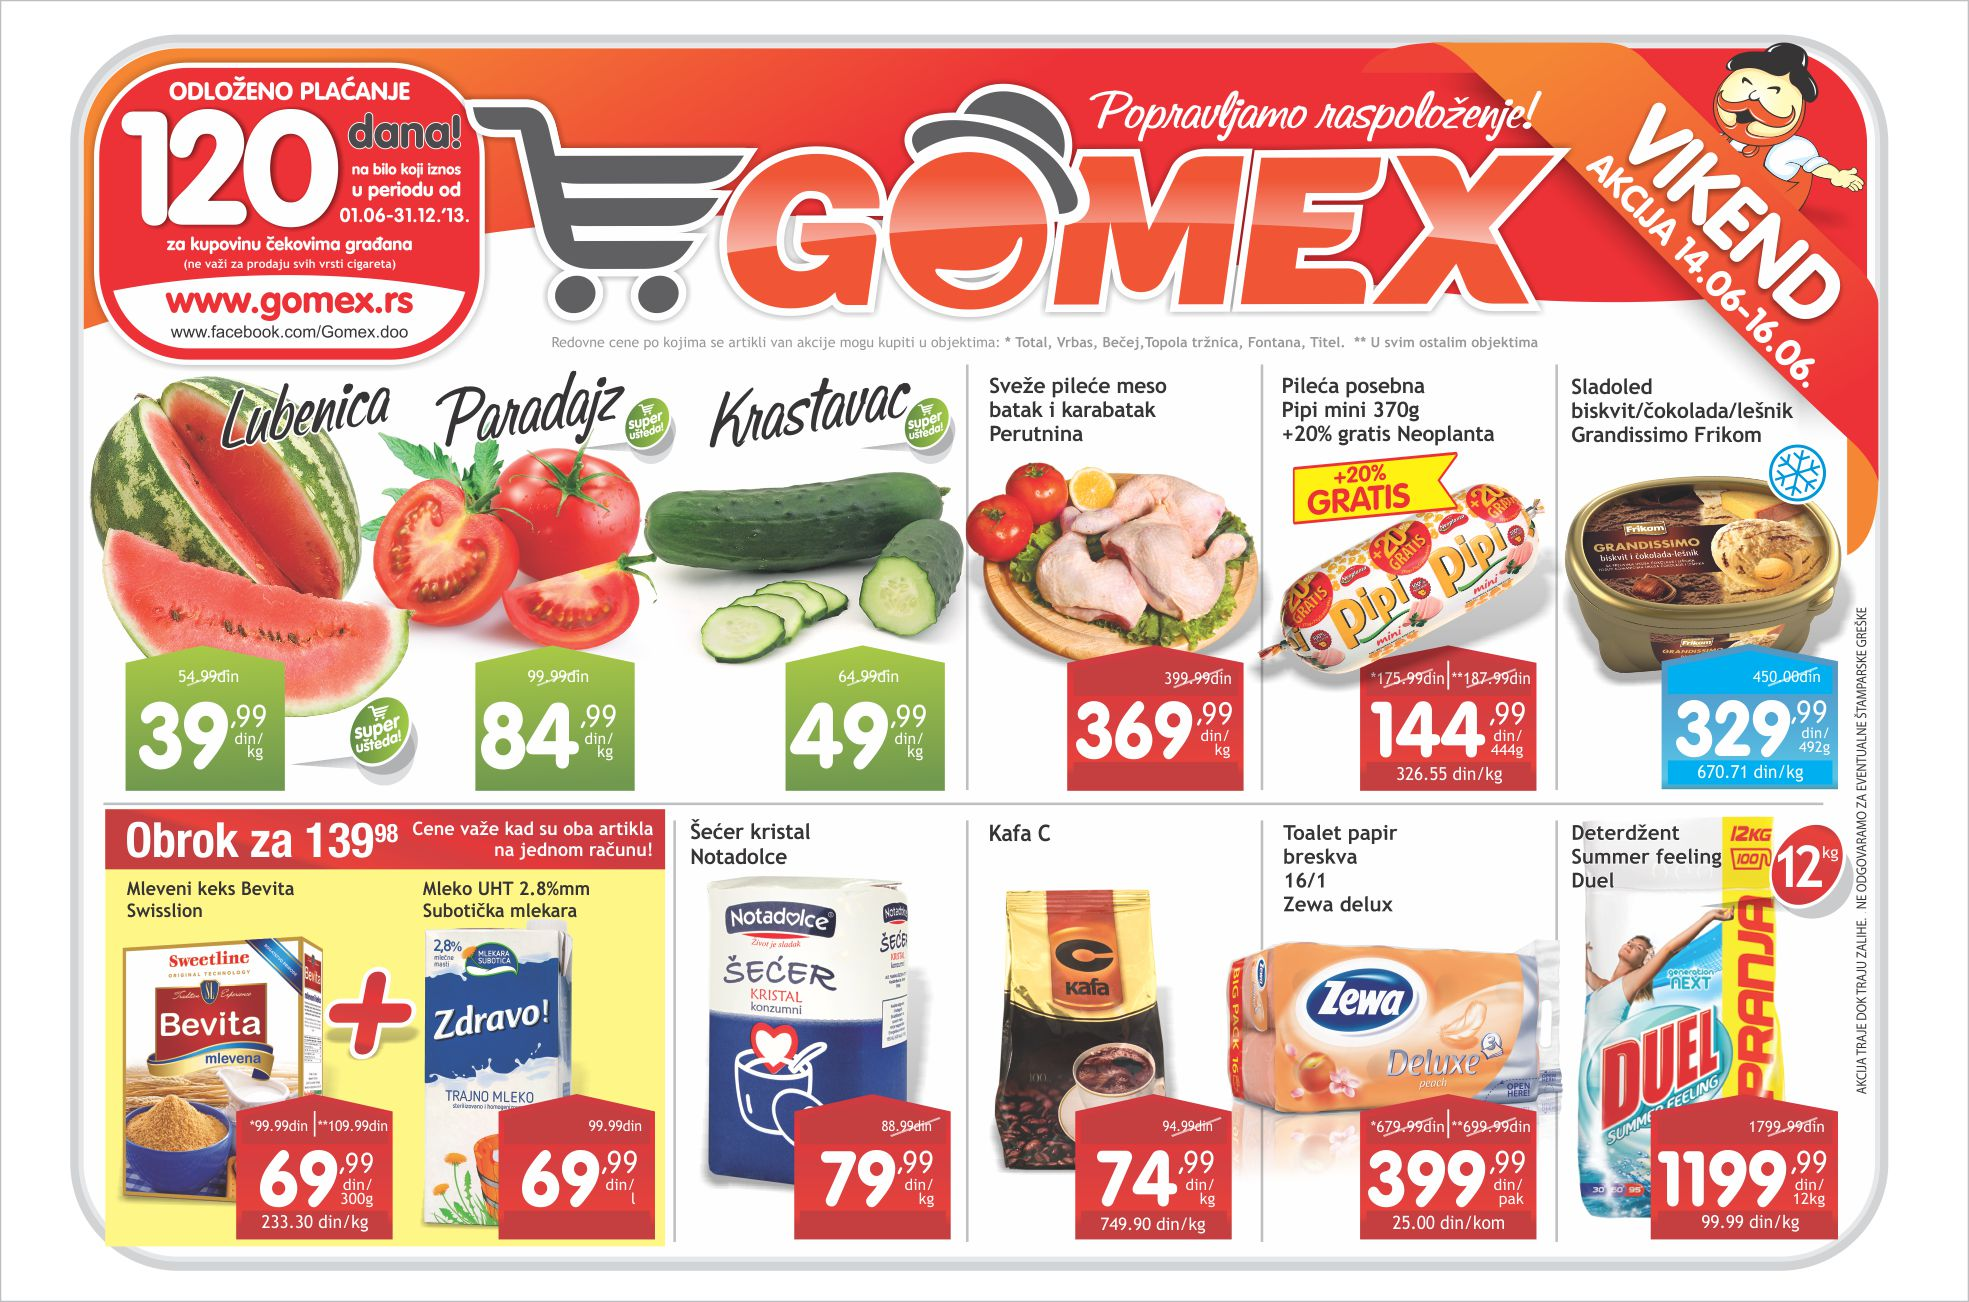 Gomex katalog vikend super cena